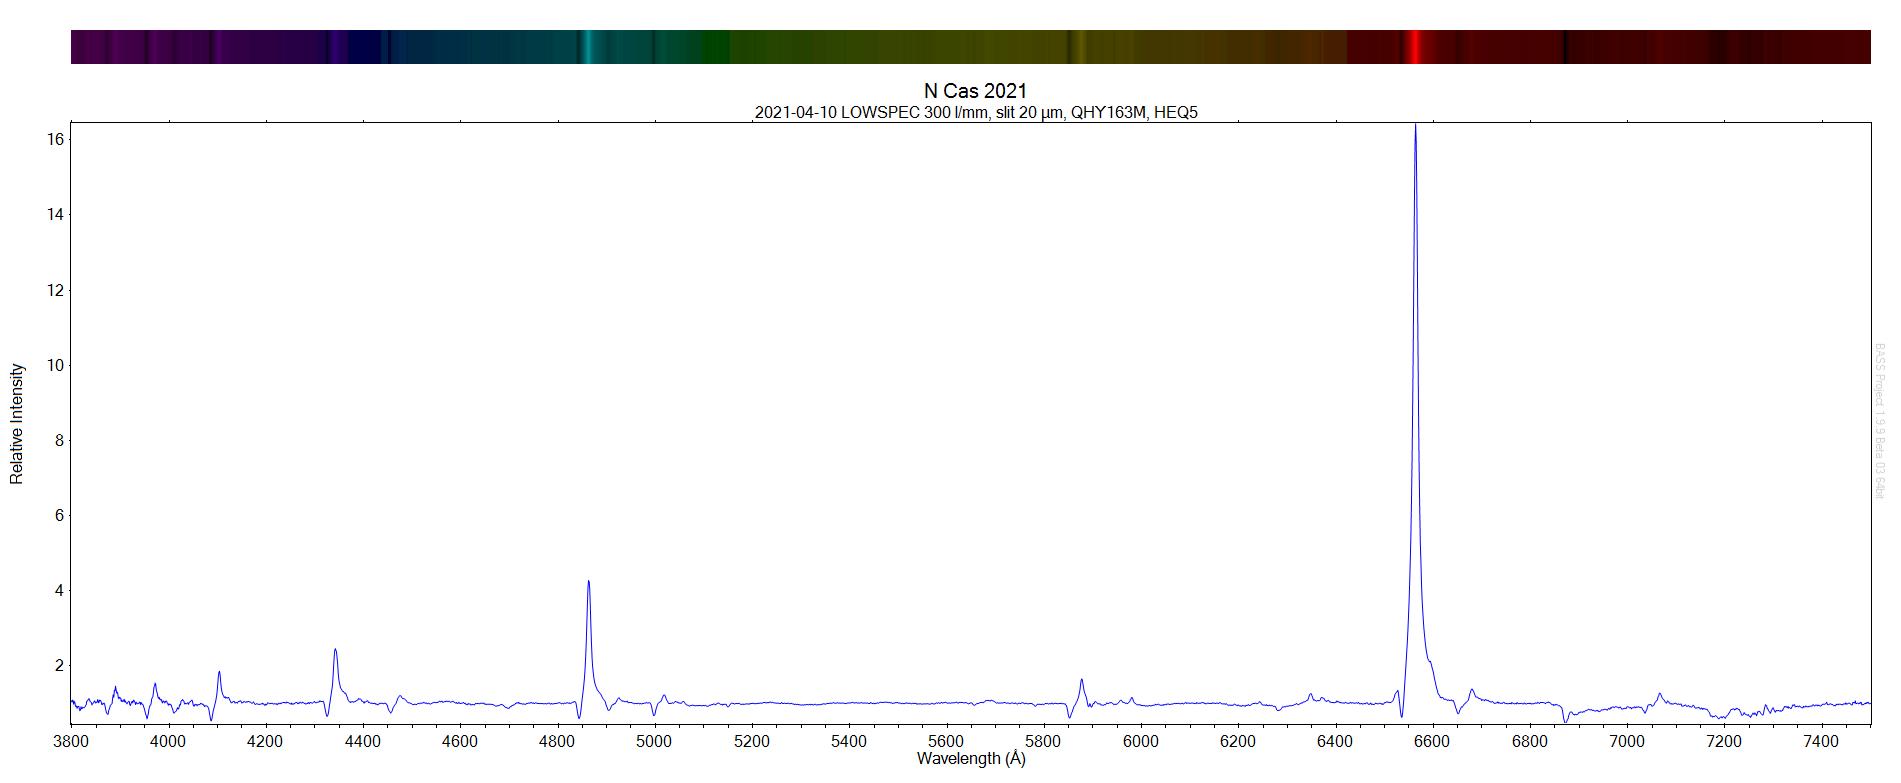 2021-04-10 N Cas 2021 spectrum.png